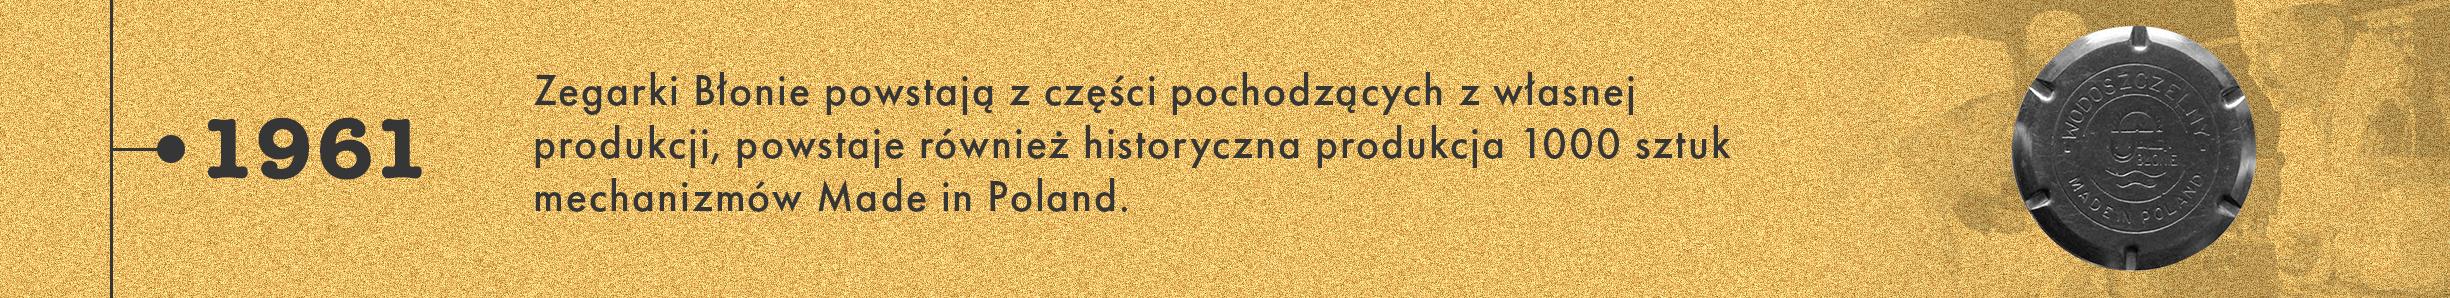 historia marki Błonie